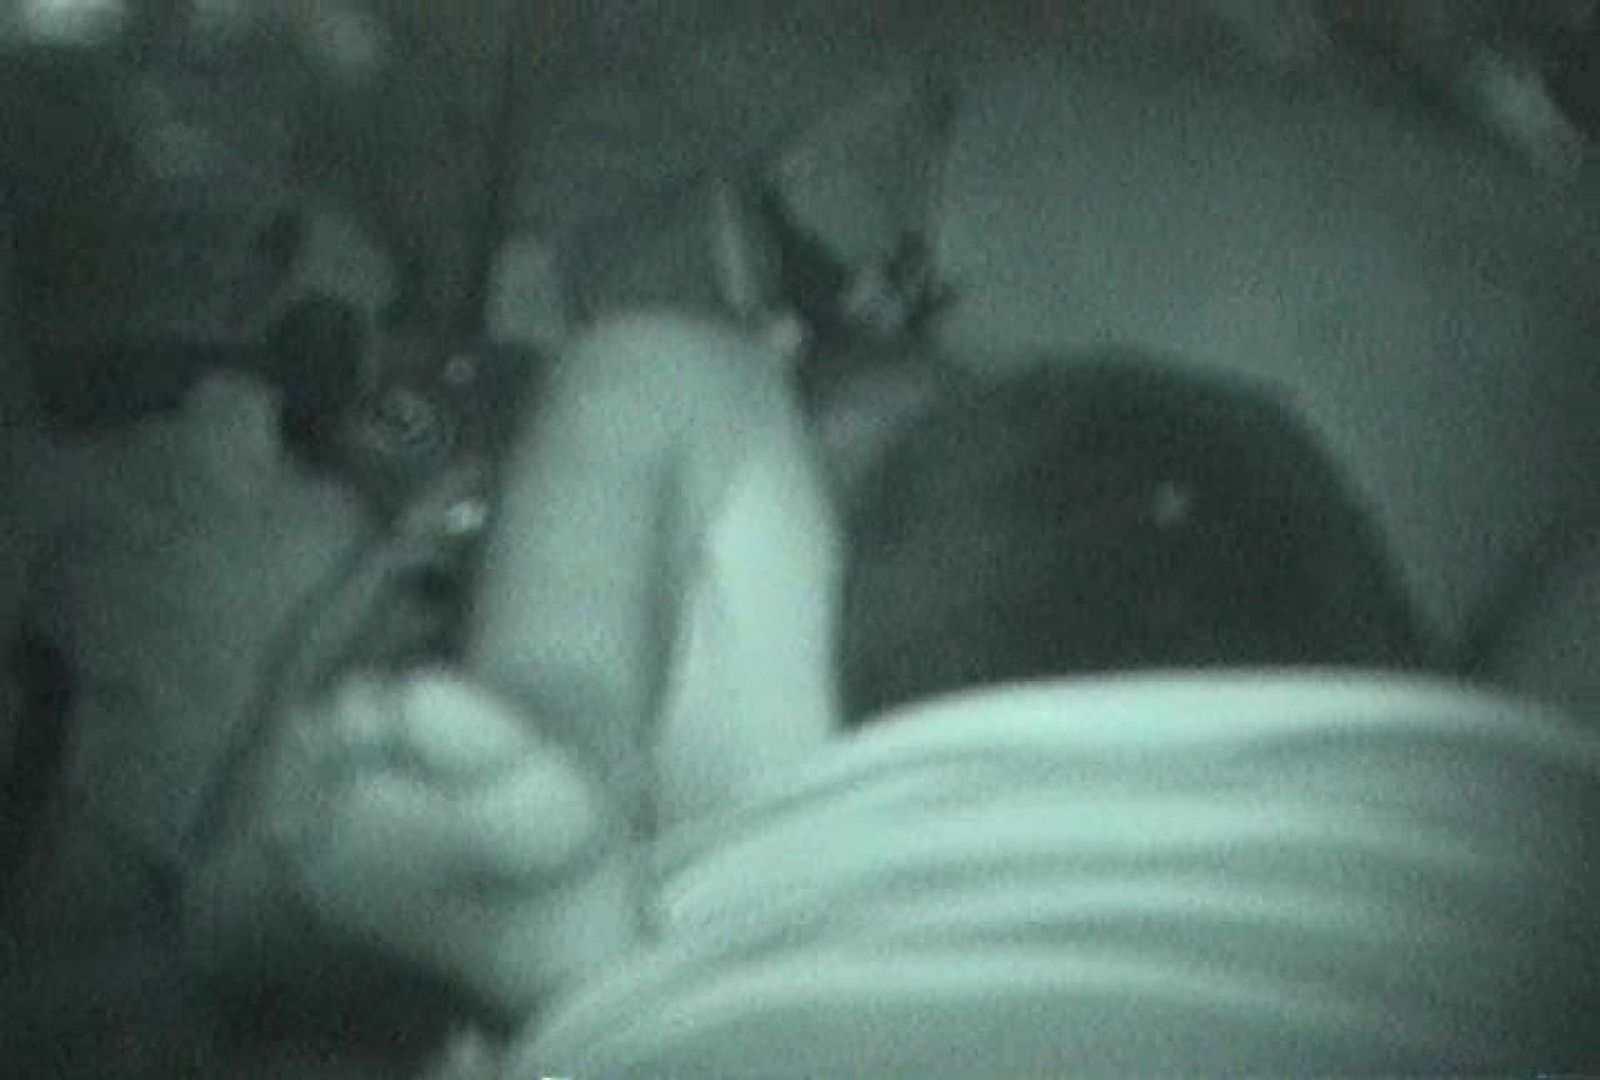 充血監督の深夜の運動会Vol.68 カップルもろsex セックス画像 98PICs 39